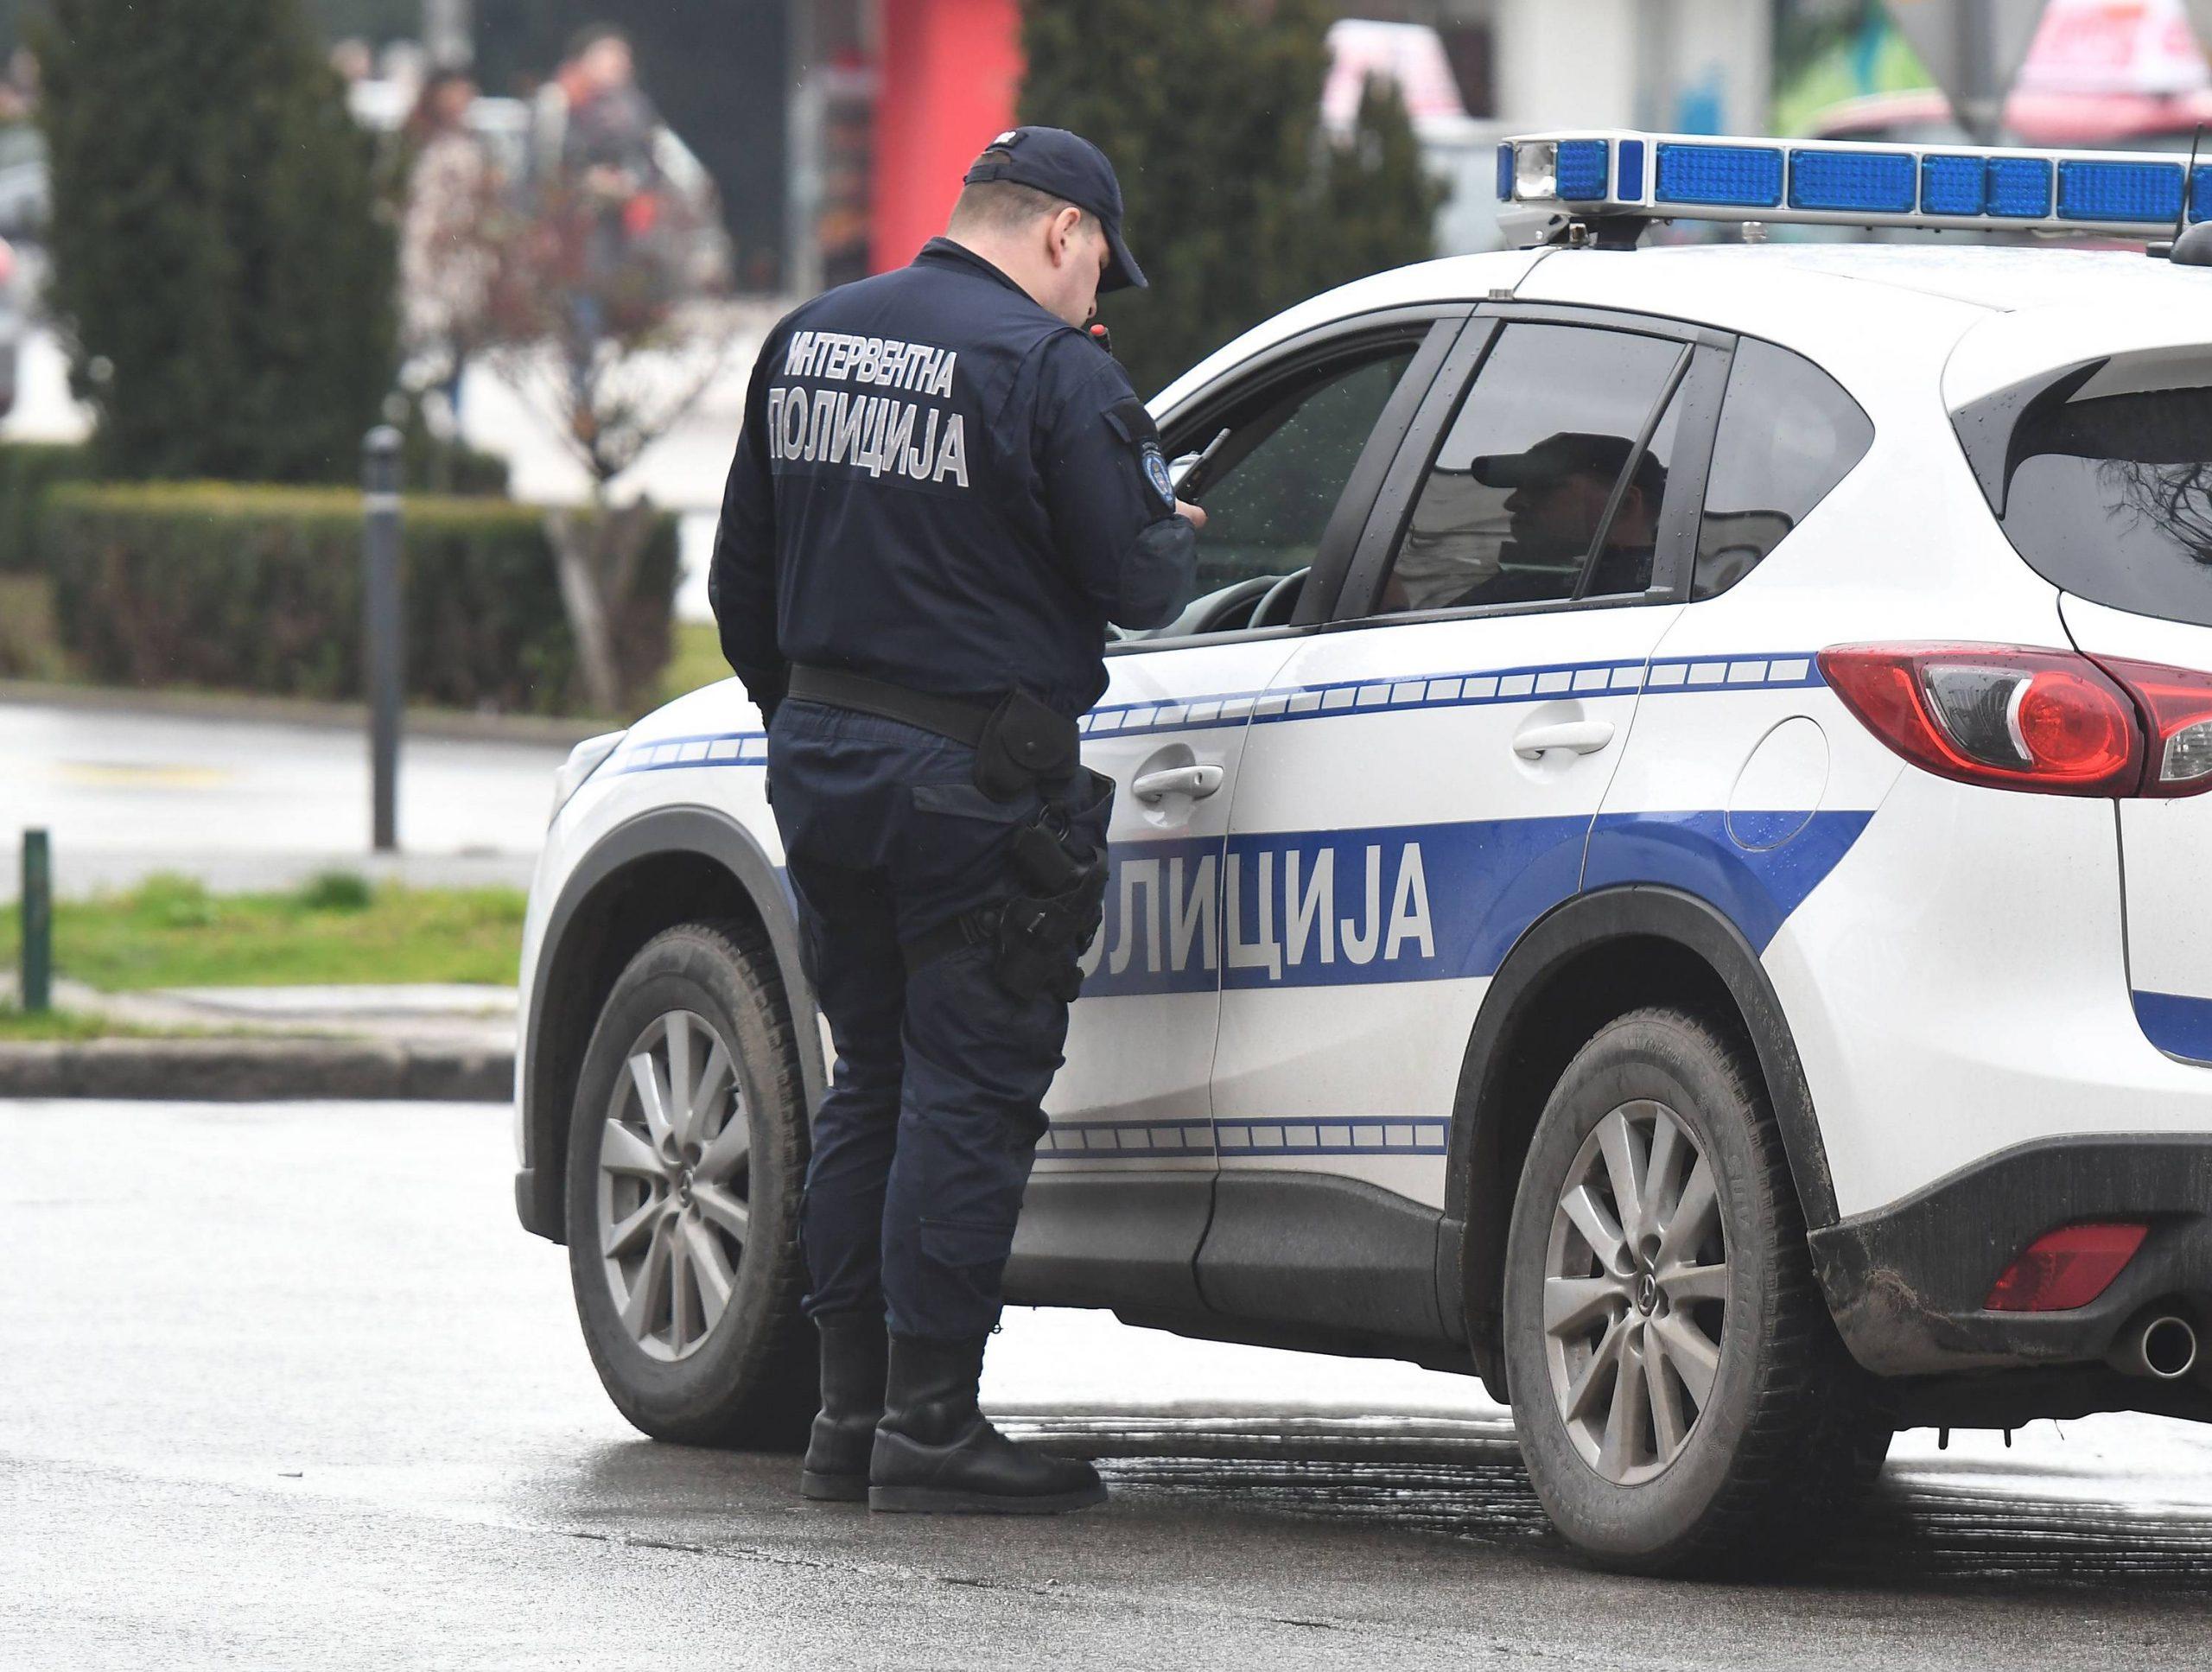 Novosadska policija odgovorila Novakoviću da je Novi Sad bezbedan, da ne omalovažava njen rad 1